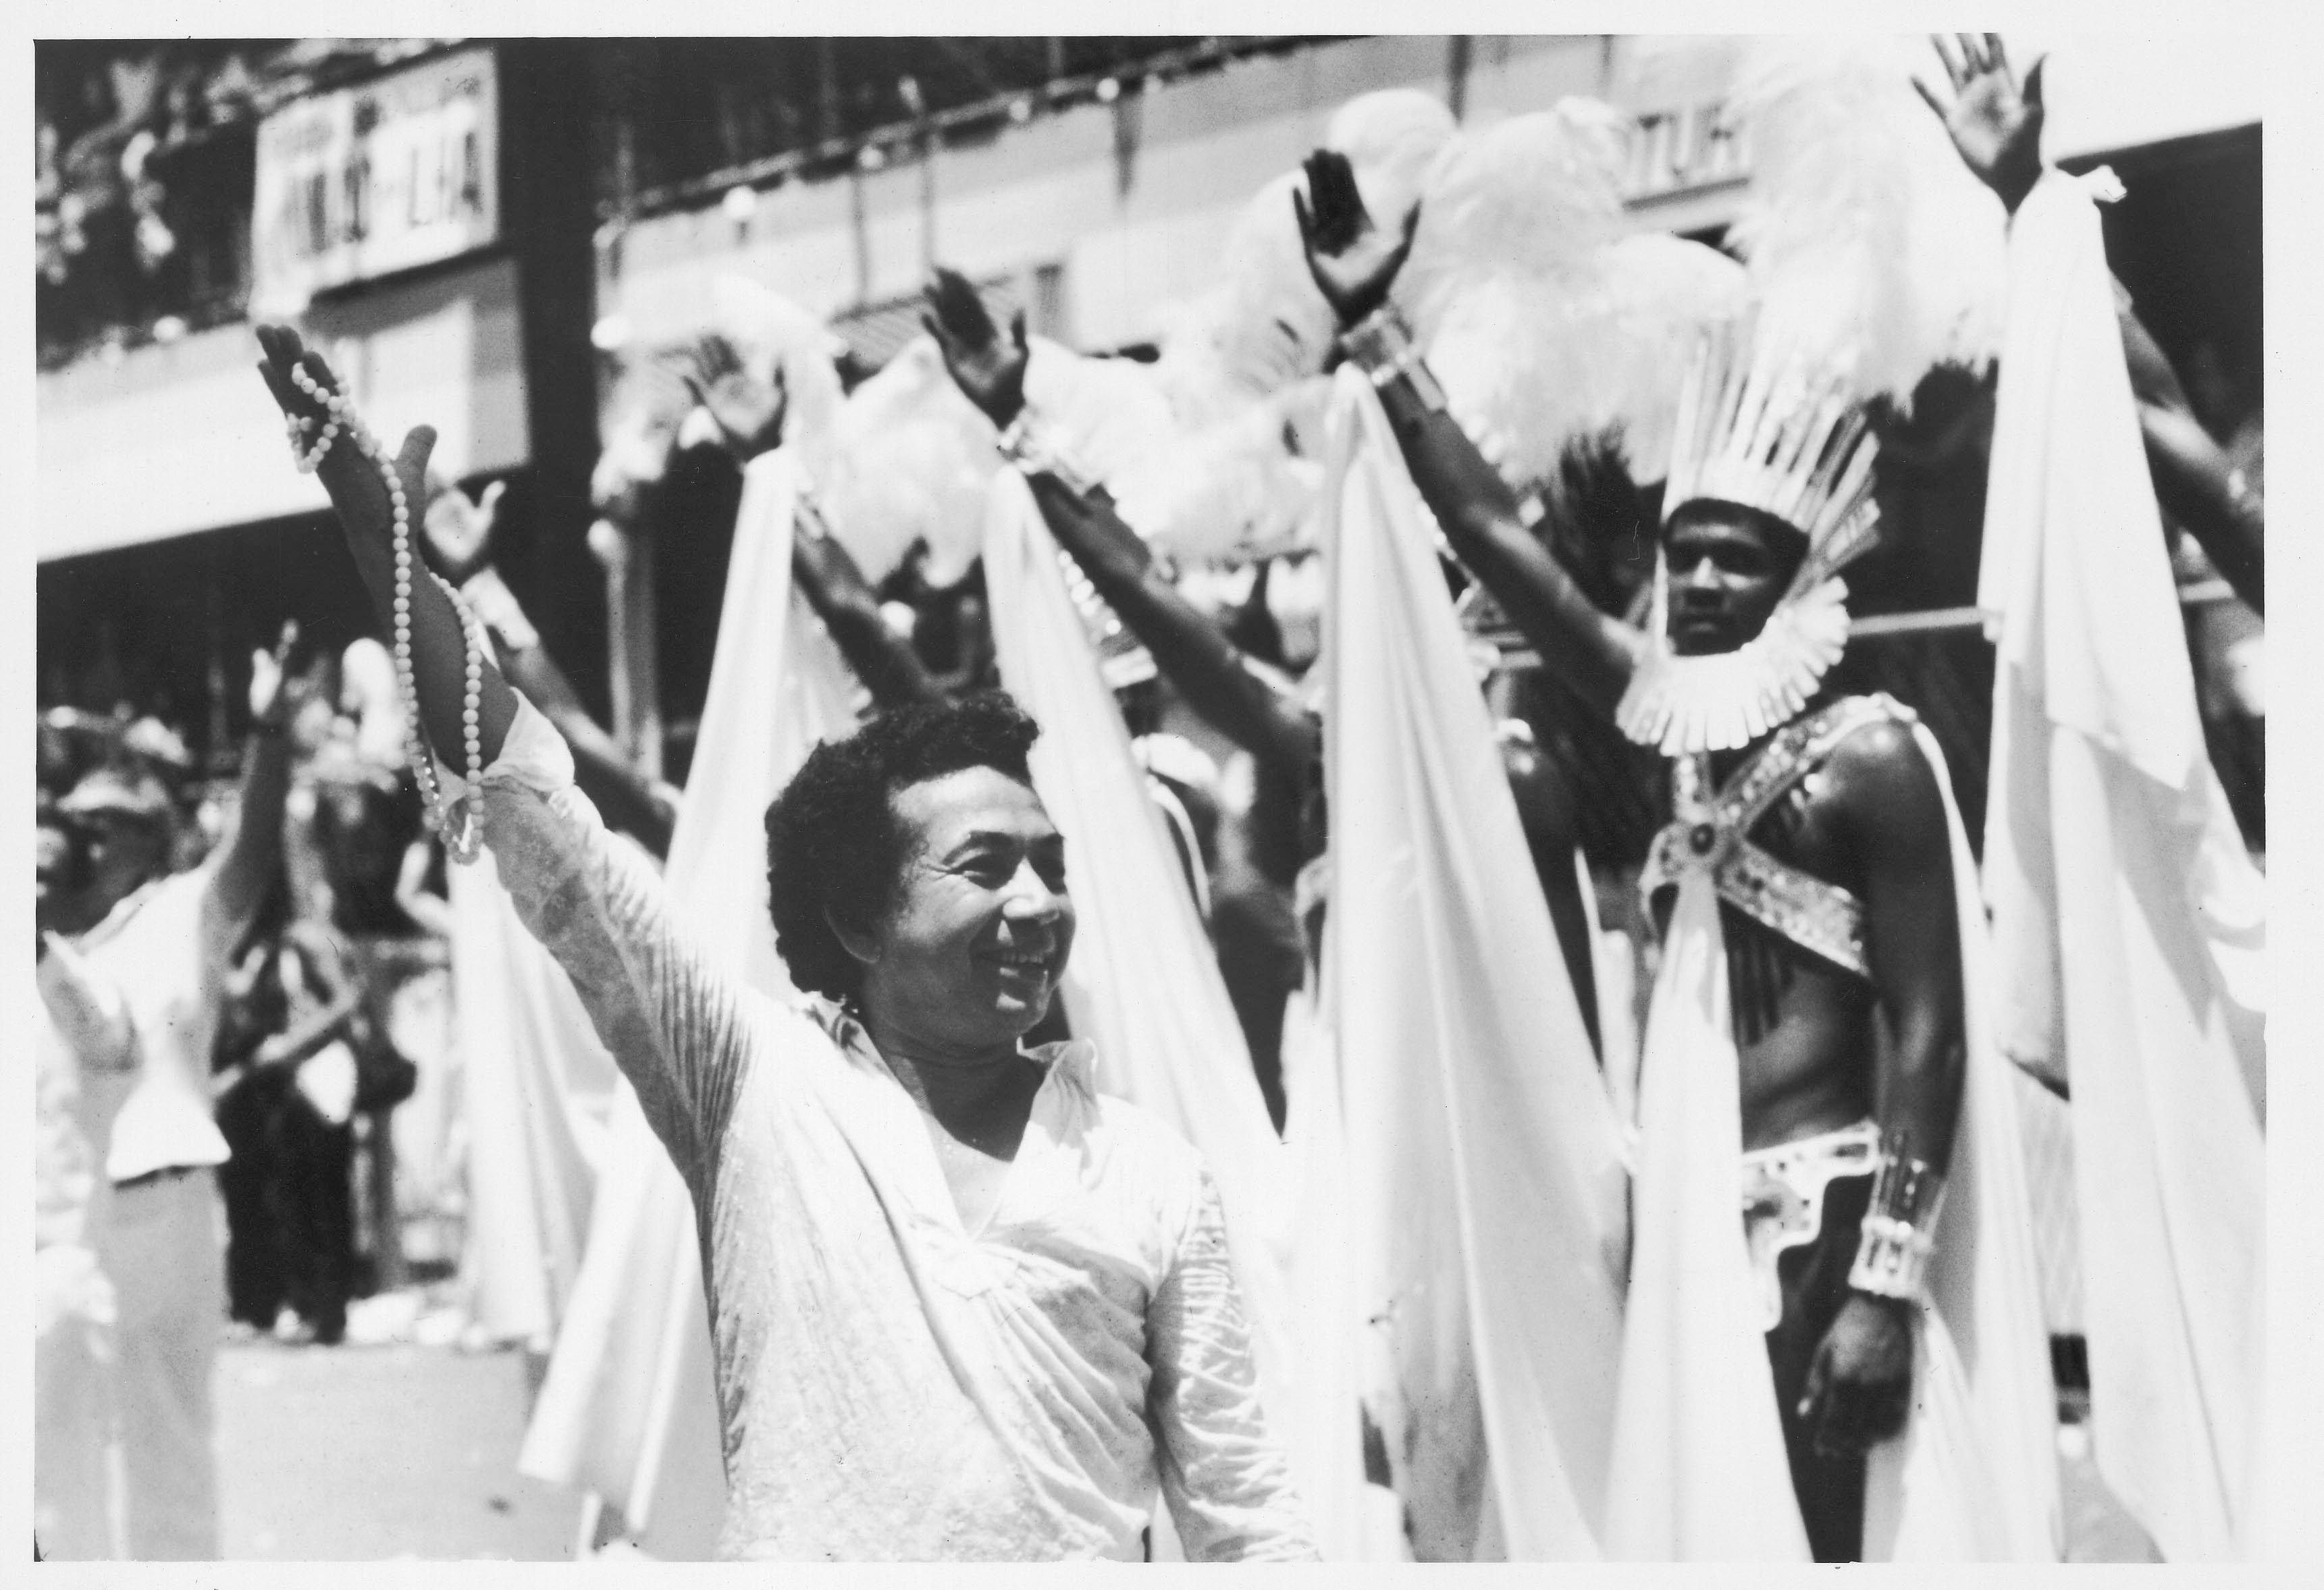 21-joasinho30-beijaflor-83.jpg (3442×2355) O carnavalesco Joãosinho Trinta comanda a Beija-Flor de Nilópolis, em 1983 (Foto: Pedro Martinelli)